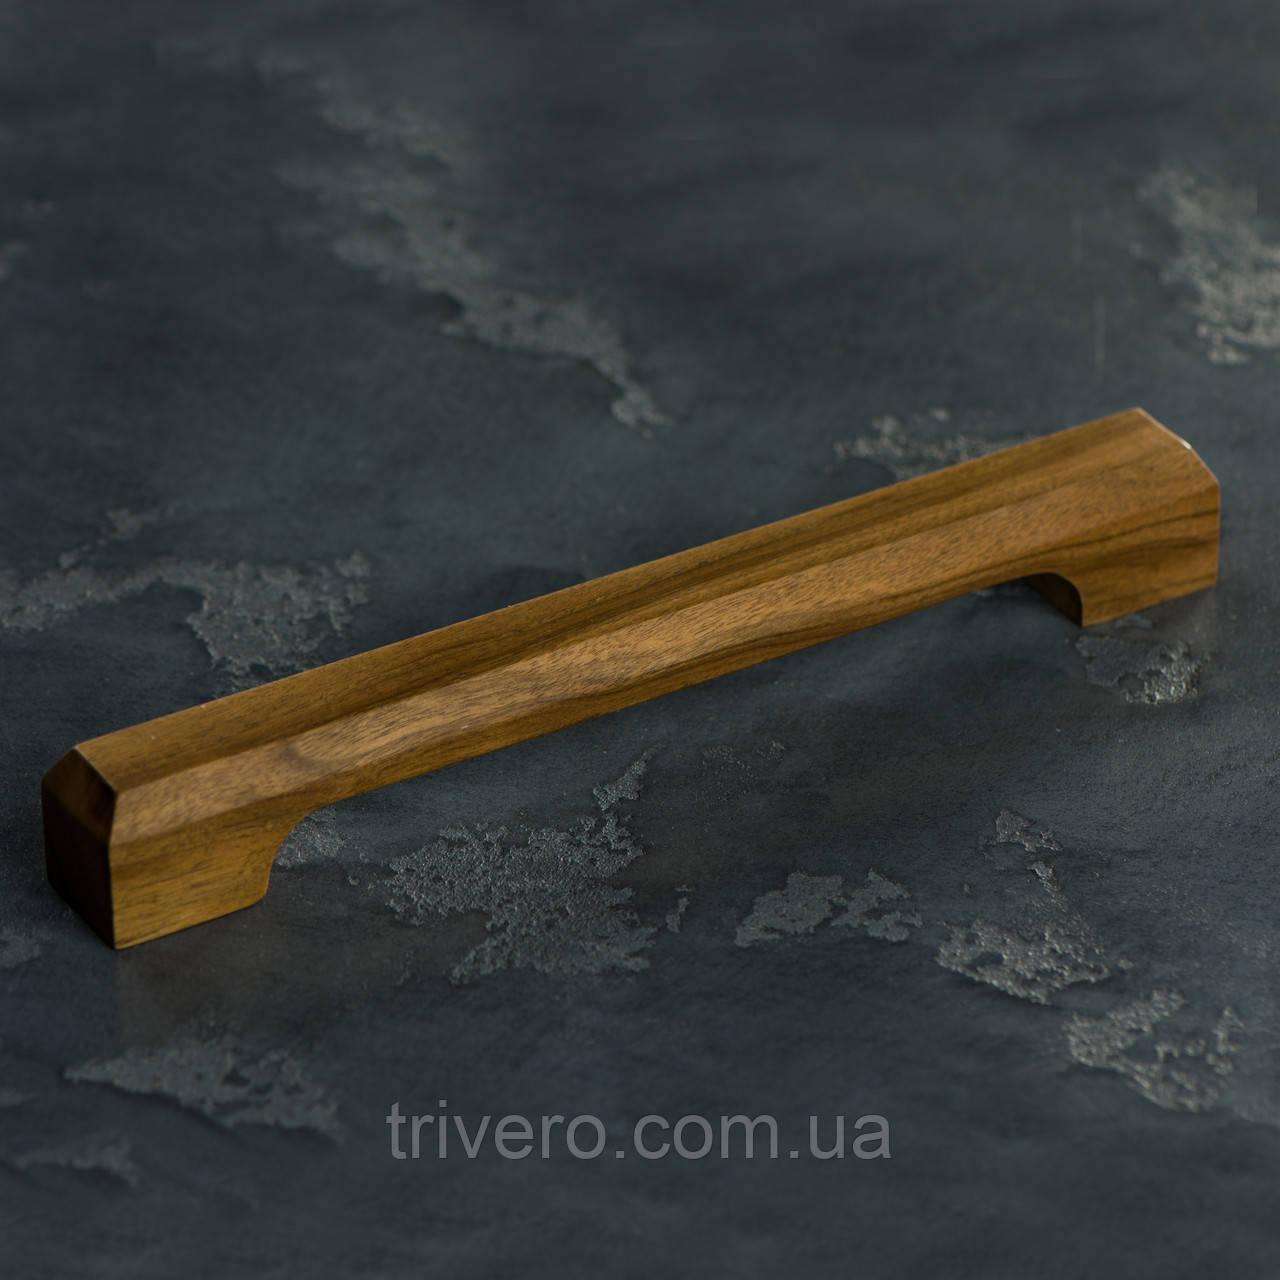 Мебельные ручки из деревас гранями орех